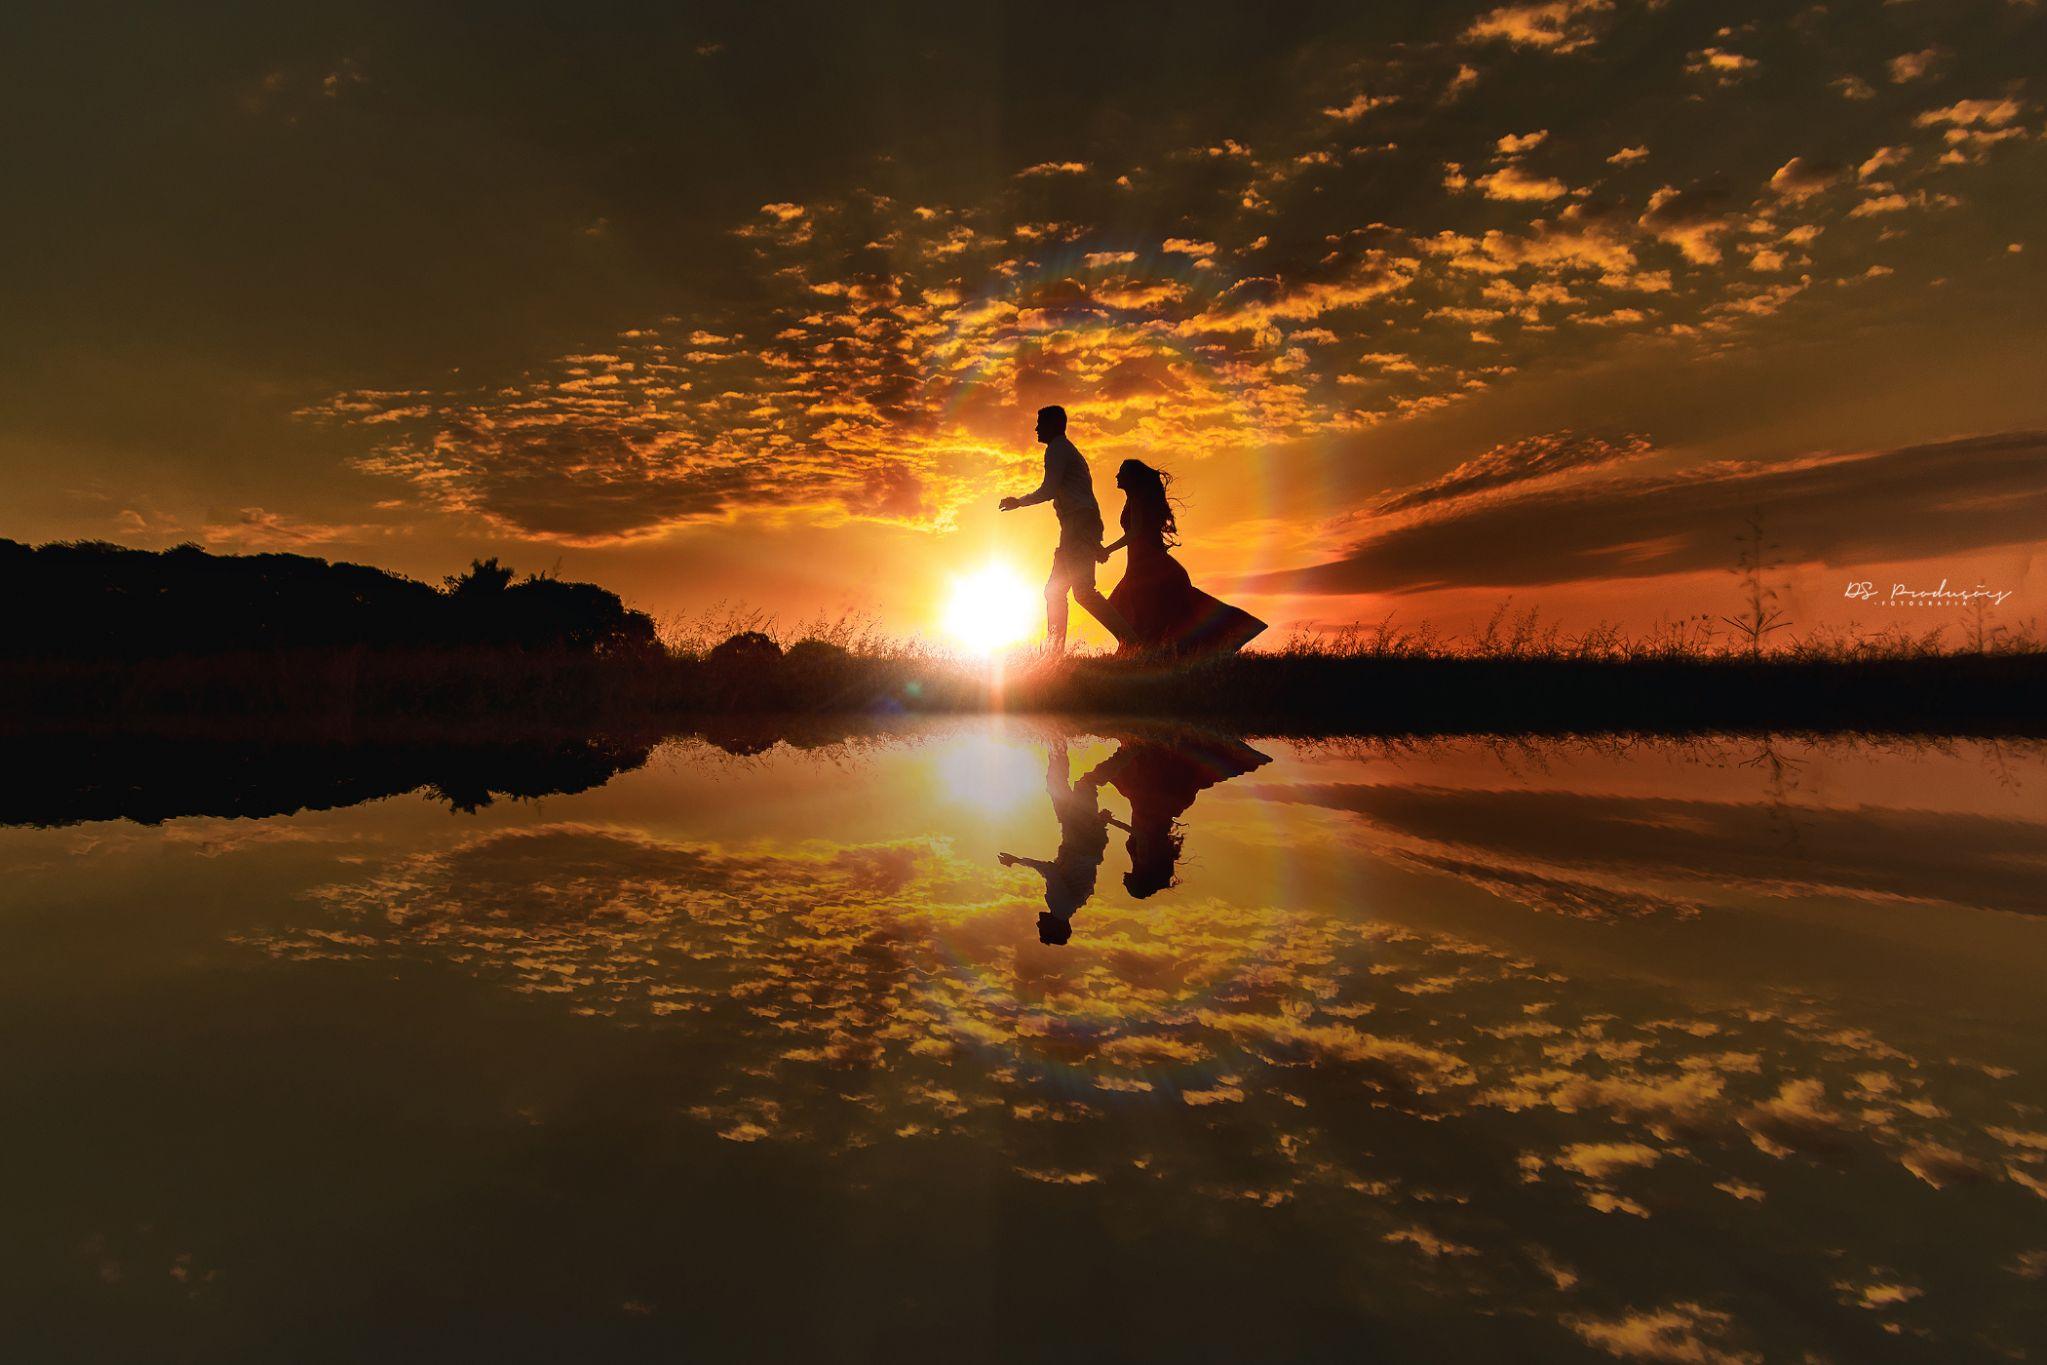 Фото Влюбленные на берегу водоема на фоне заката. Фотограф Дэвид Родригес